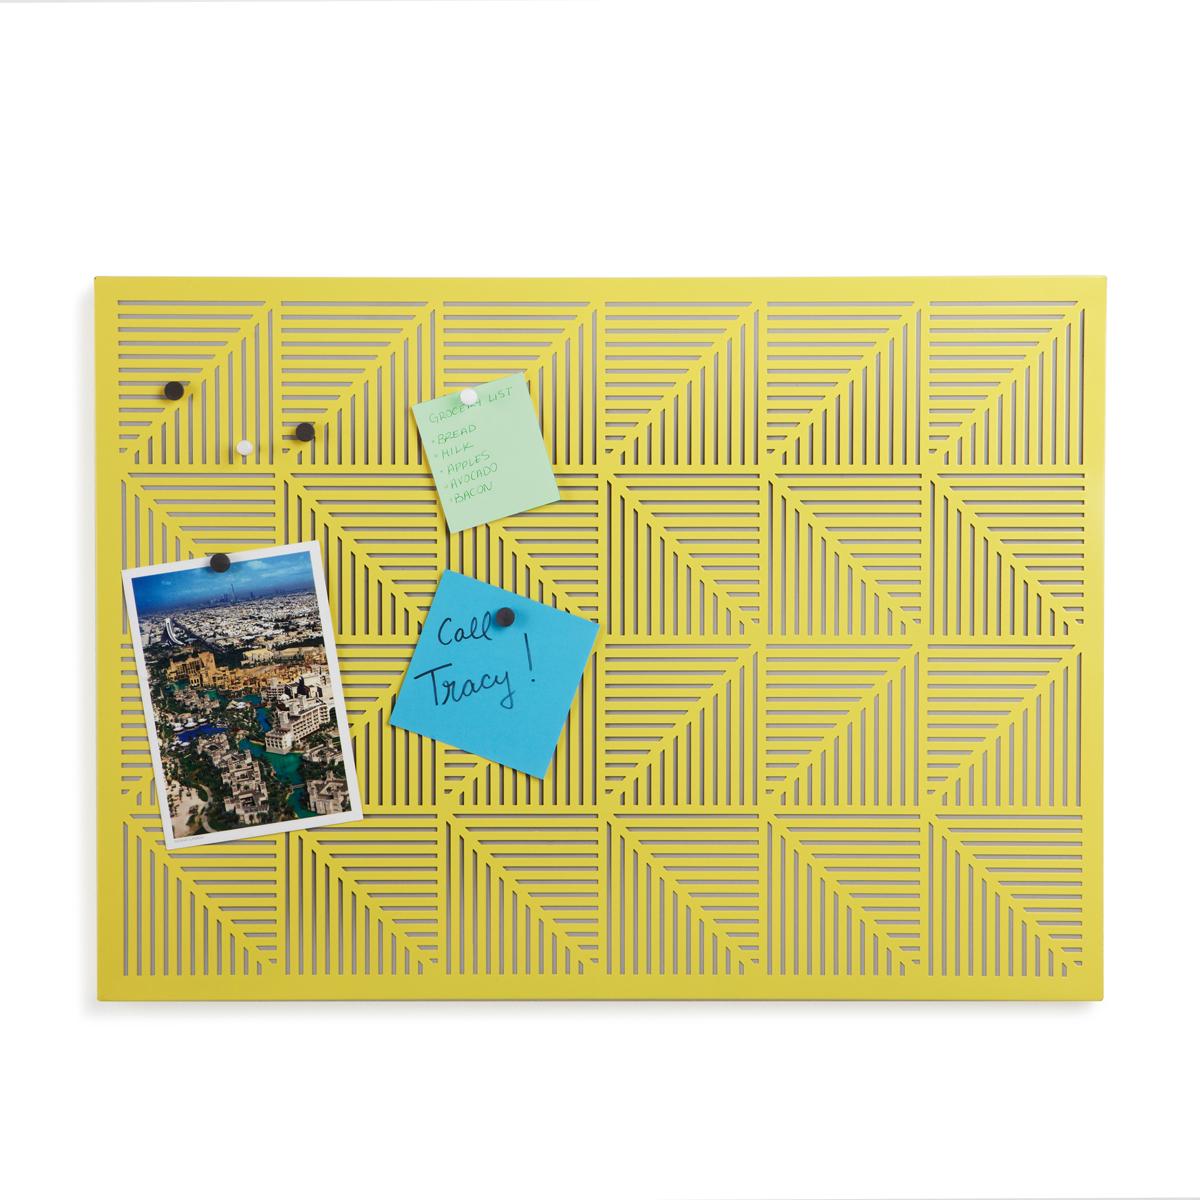 Украшение на стену Umbra Trigon, цвет: желтый470790-438Строгие геометрические формы не ограничивают воображение, а наоборот, вдохновляют на творчество и создание неповторимых интерьеров. Металлические узоры на этой доске не только складываются в интересную картинку, но и удобны для использования с магнитами и кнопками. Повесьте ее горизонтально или вертикально и крепите фотографии, записки, рисунки и напоминалки. В наборе 12 кнопок и 12 магнитов. Отличный декор для офиса и кабинета.